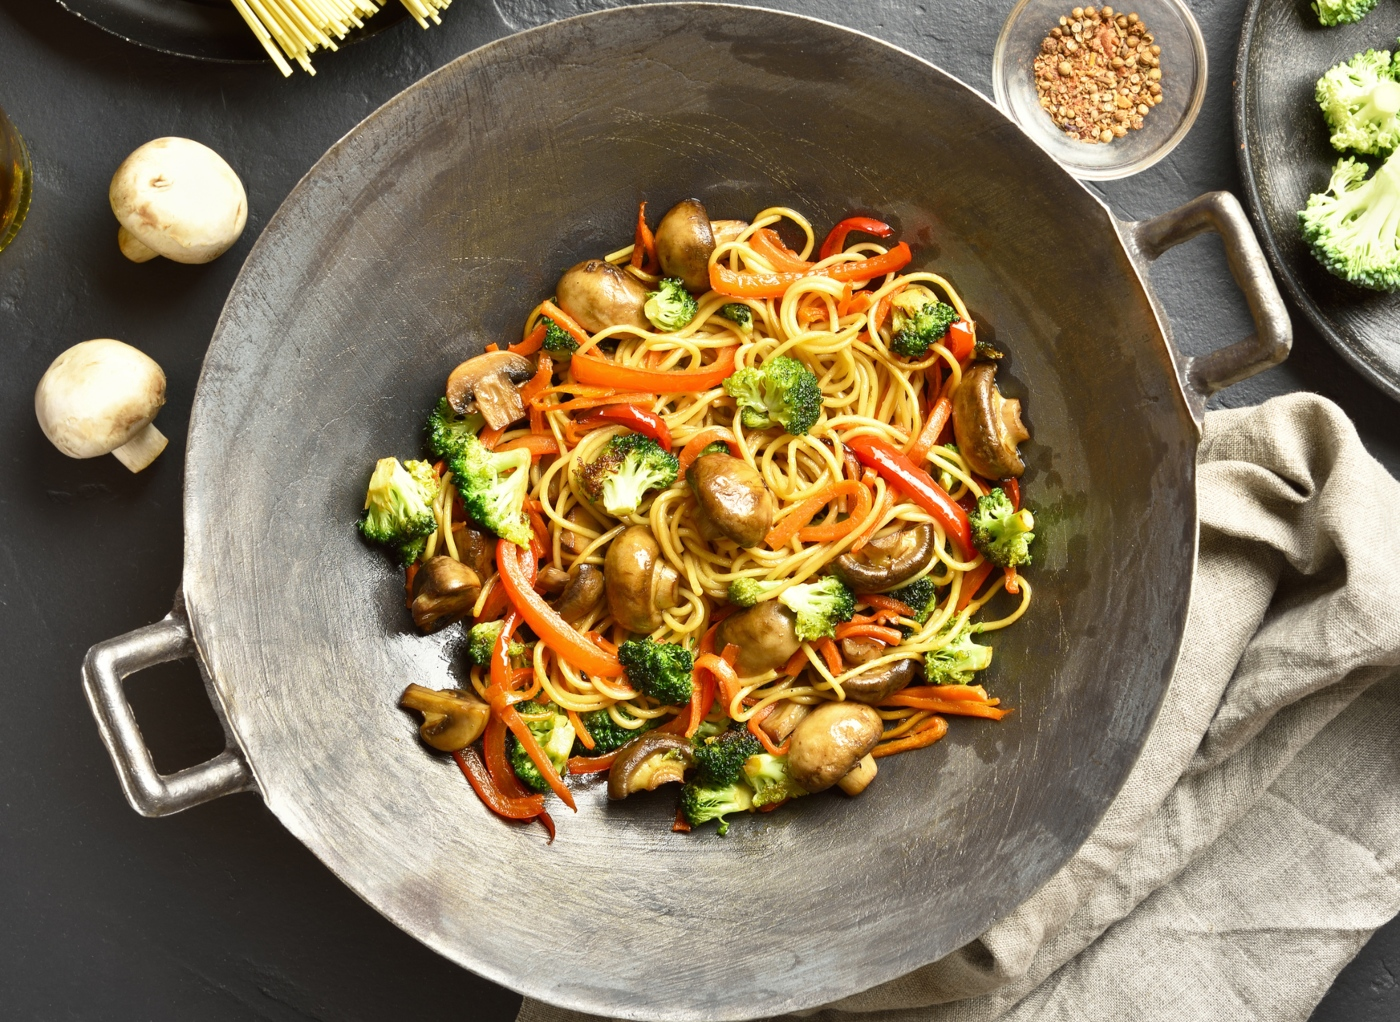 Receitas vegan: esparguete vegan com cogumelos